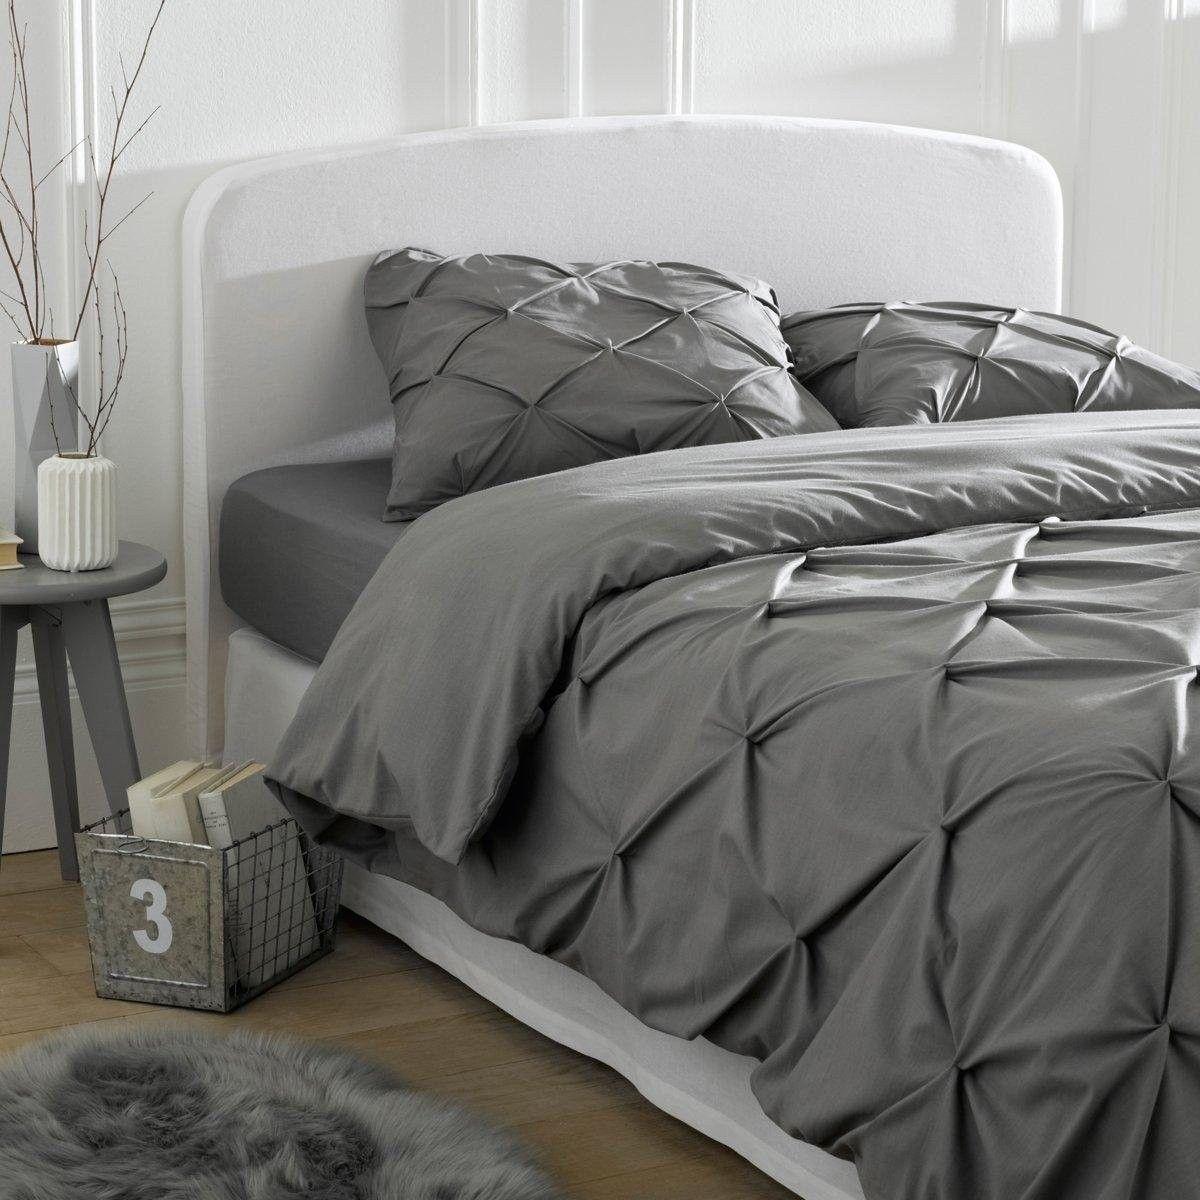 Facile da installare, la fodera per testata letto modello